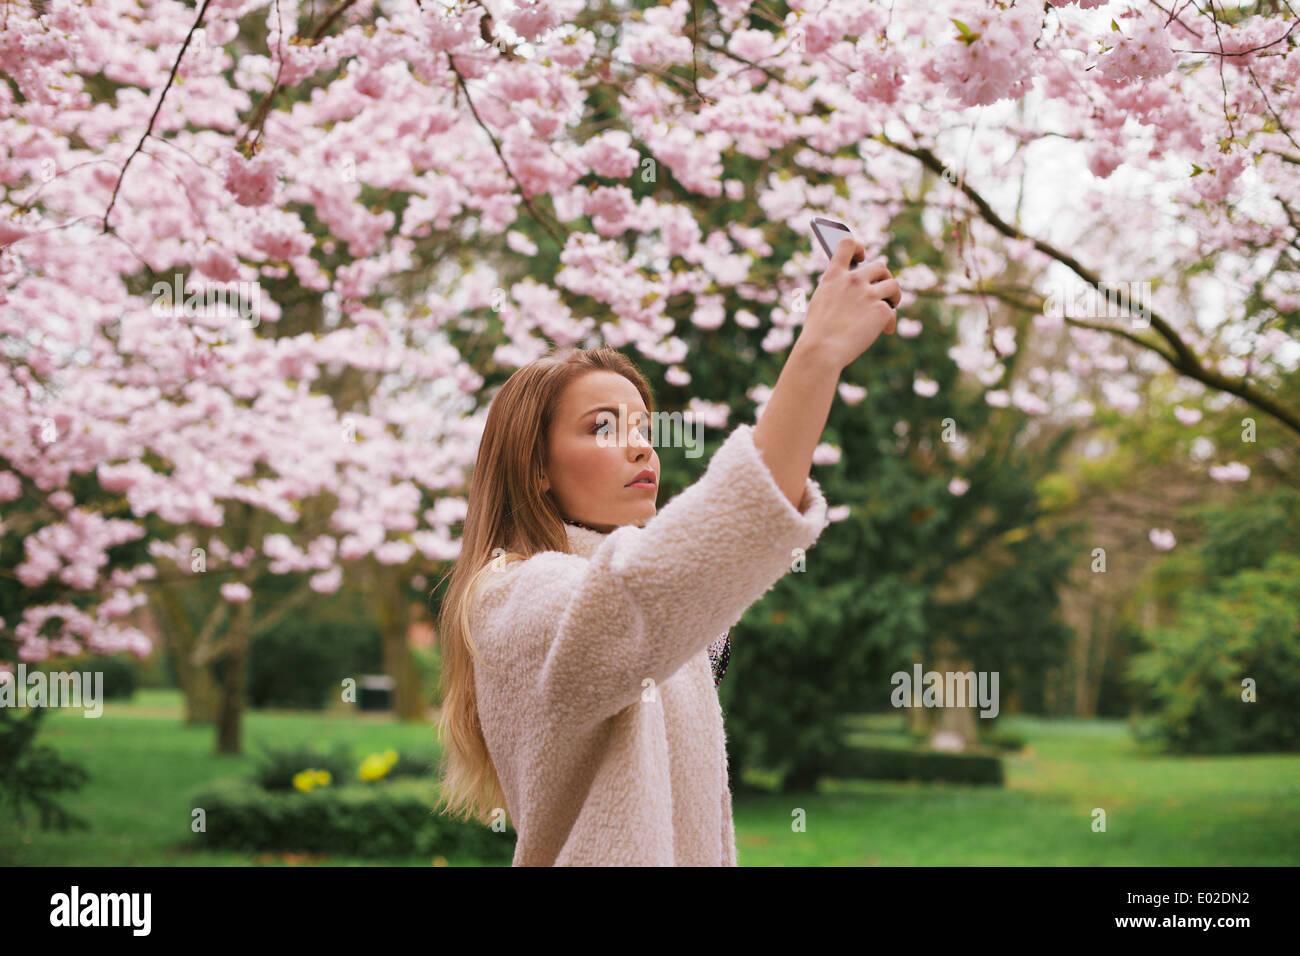 Giovane donna caucasica dipinge sbocciare fiori con il suo telefono cellulare. Donna attraente fotografare fiori presso il Parco di primavera Immagini Stock